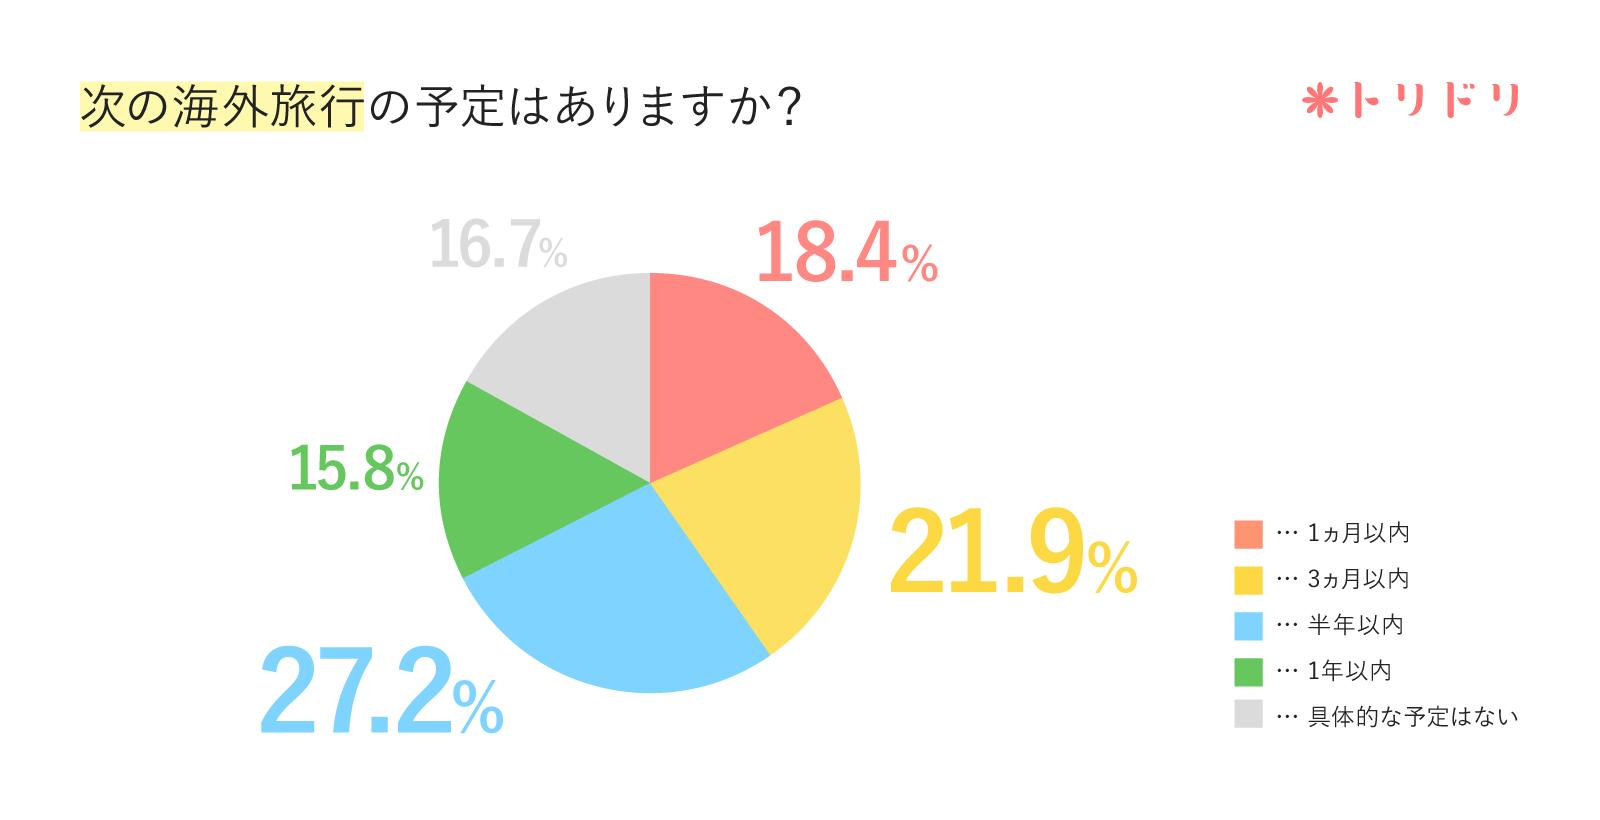 アンケートのグラフ:次の海外旅行の予定はありますか?